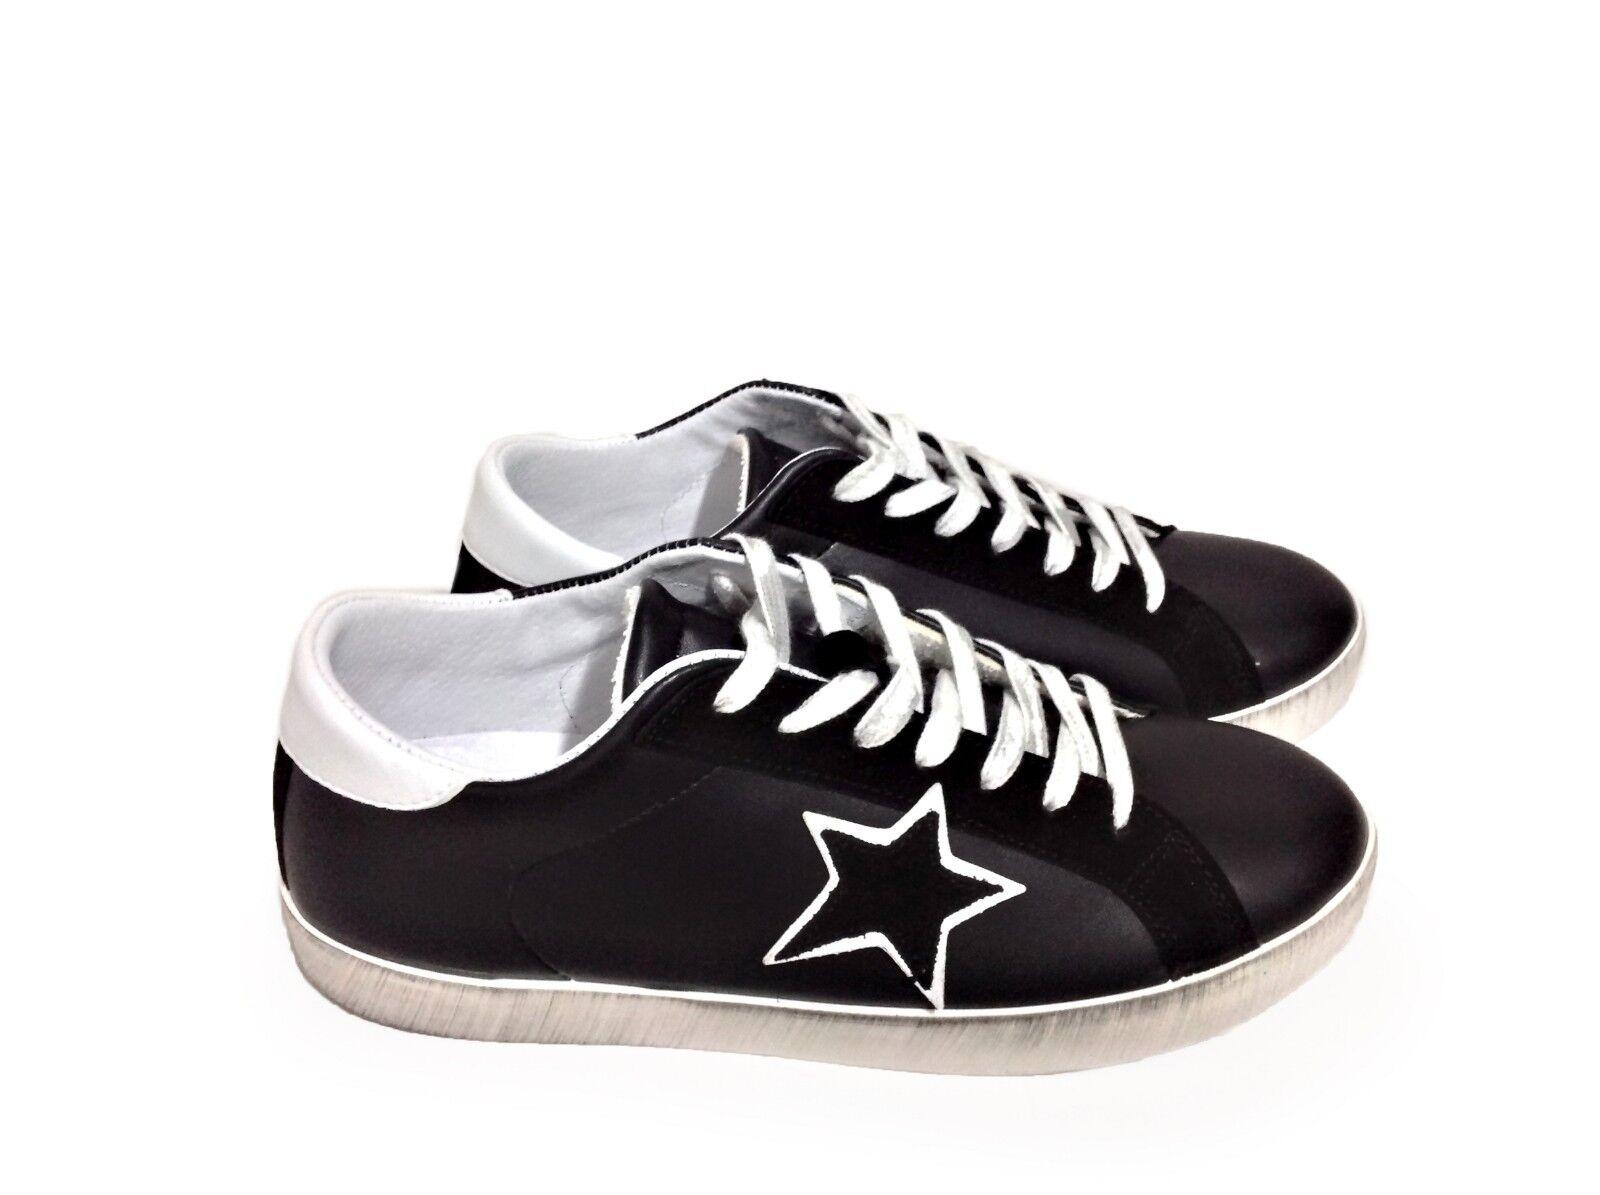 Scarpe scarpe da ginnastica basse uomo pelle nero Arish doppia stella bianca camoscio Nuovo | moderno  | Gentiluomo/Signora Scarpa